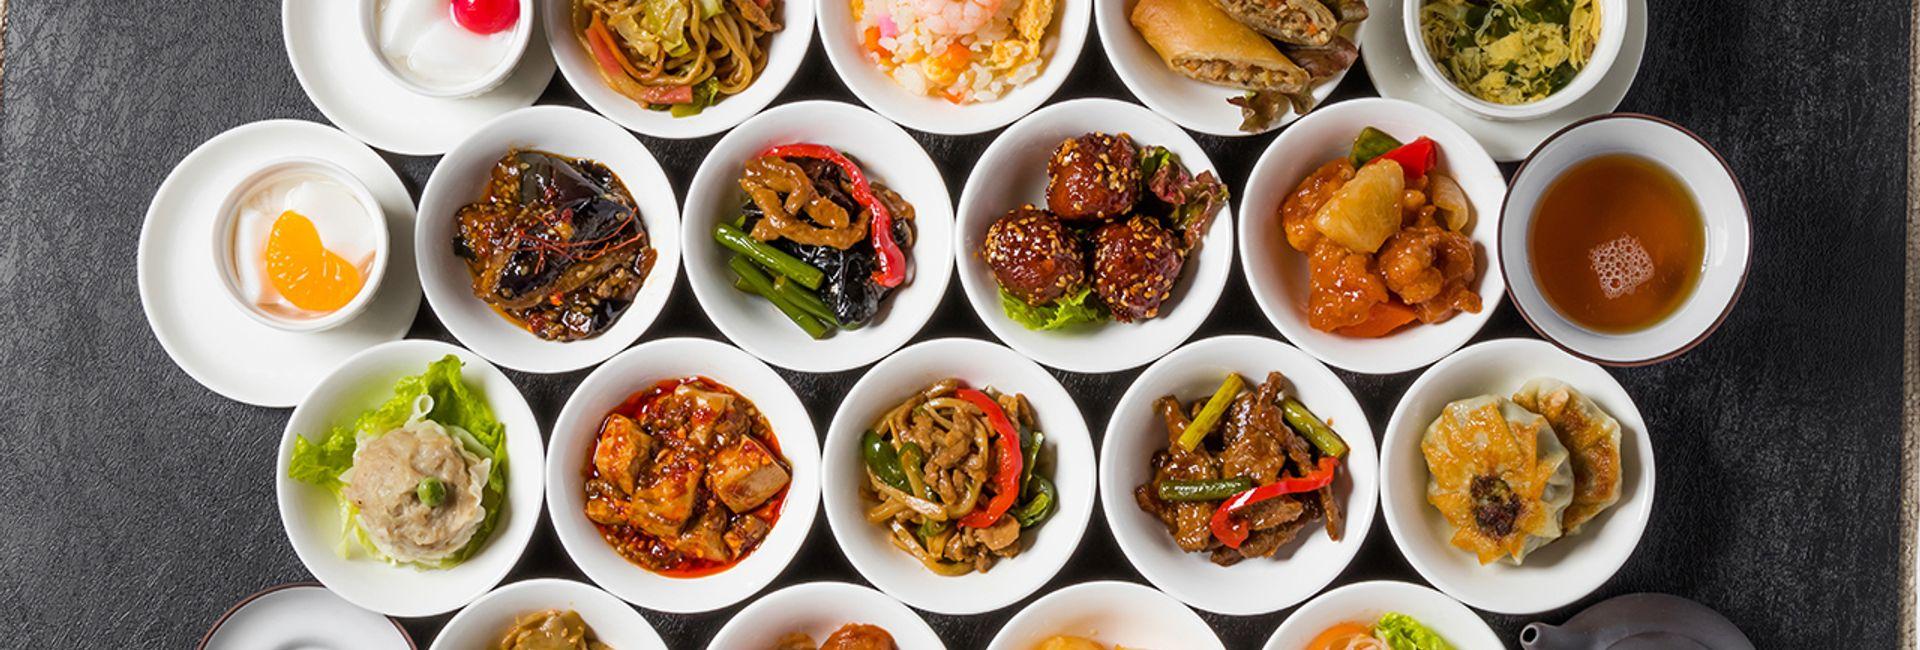 Top 7 món ăn ngon bạn nên thử ở Hồng Kông